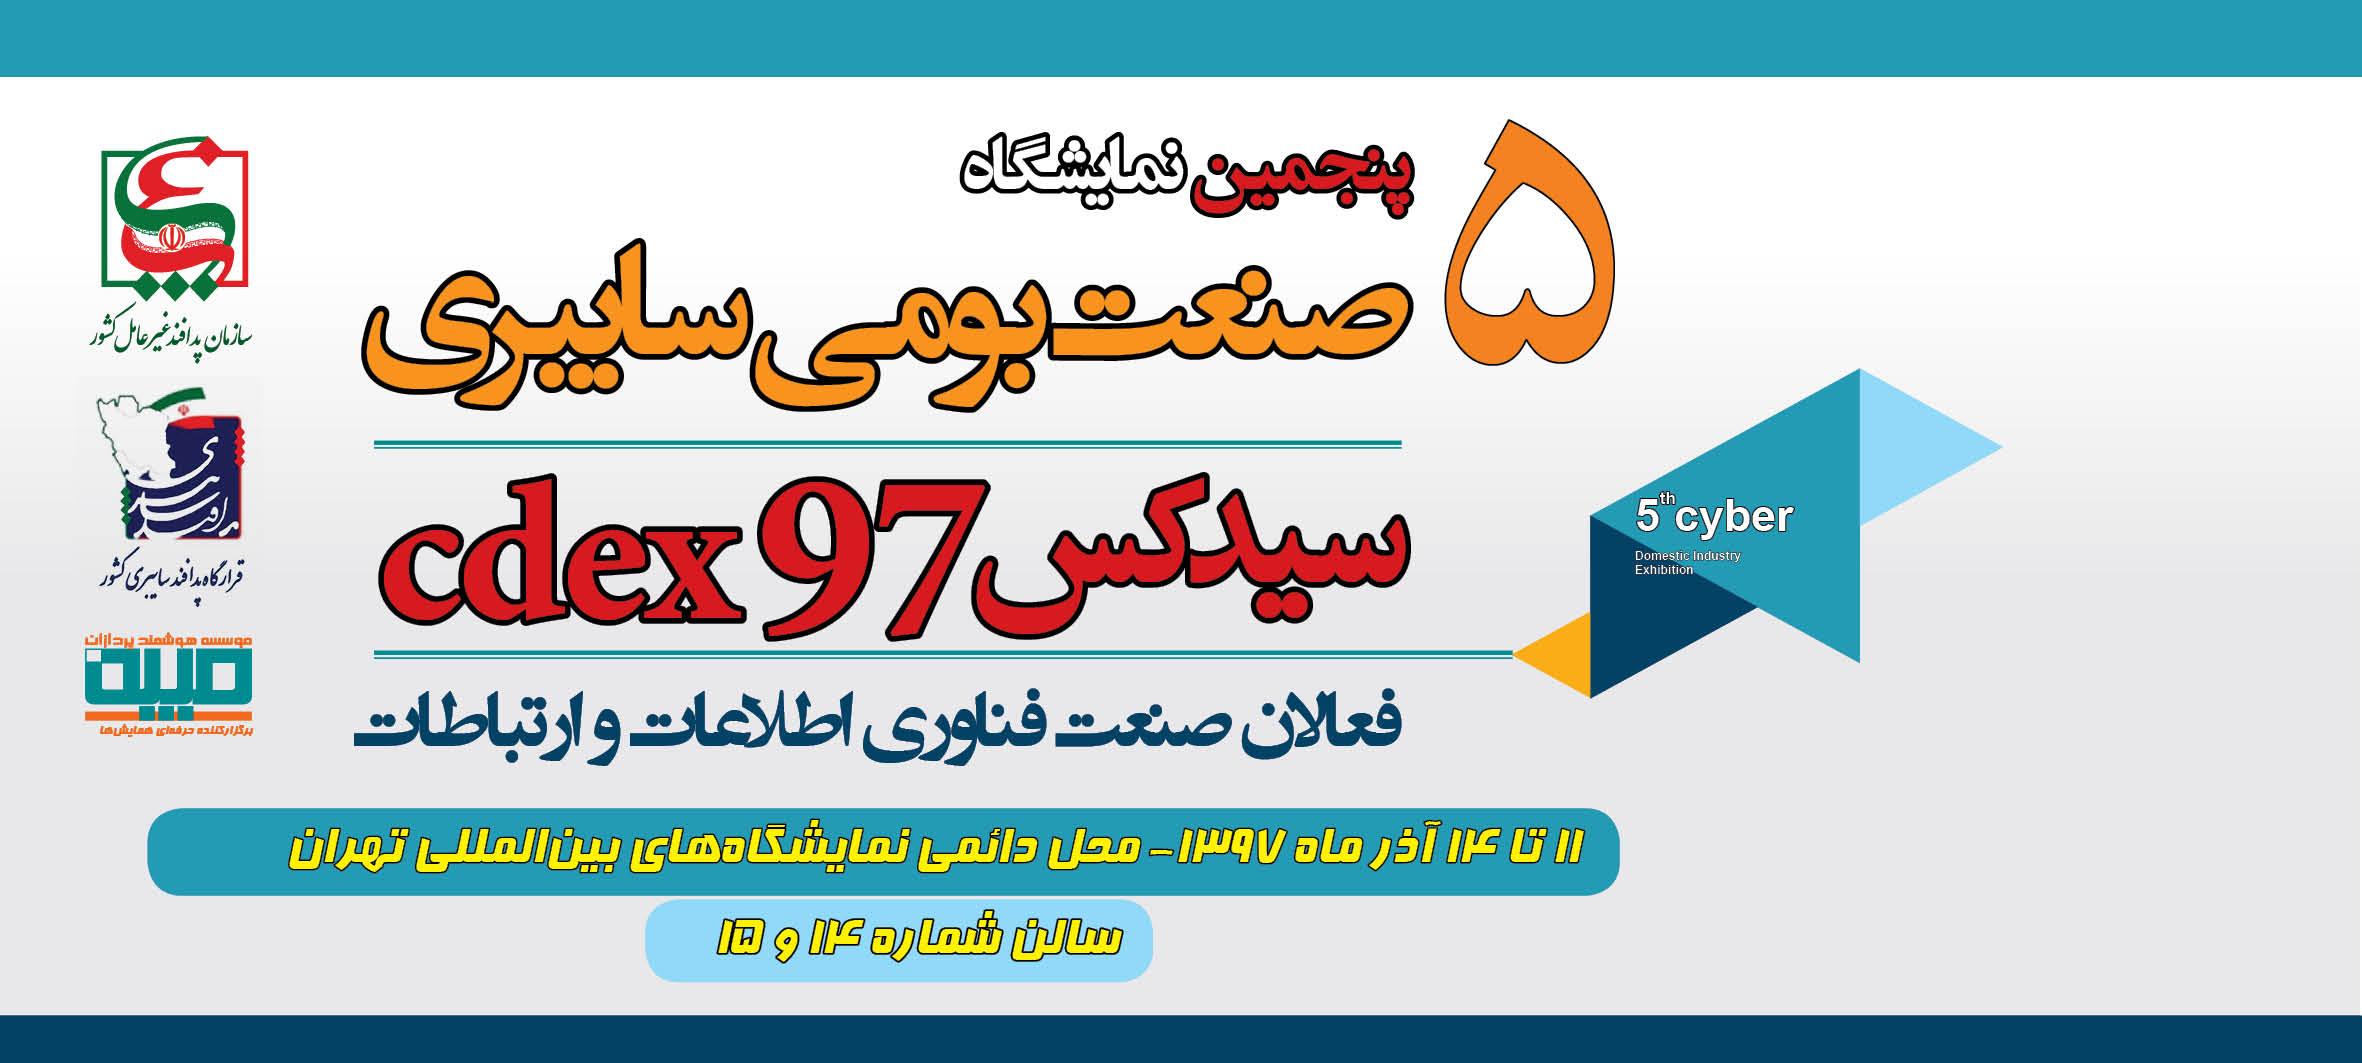 نمایشگاه صنعت بومی سایبری و زیستی تهران